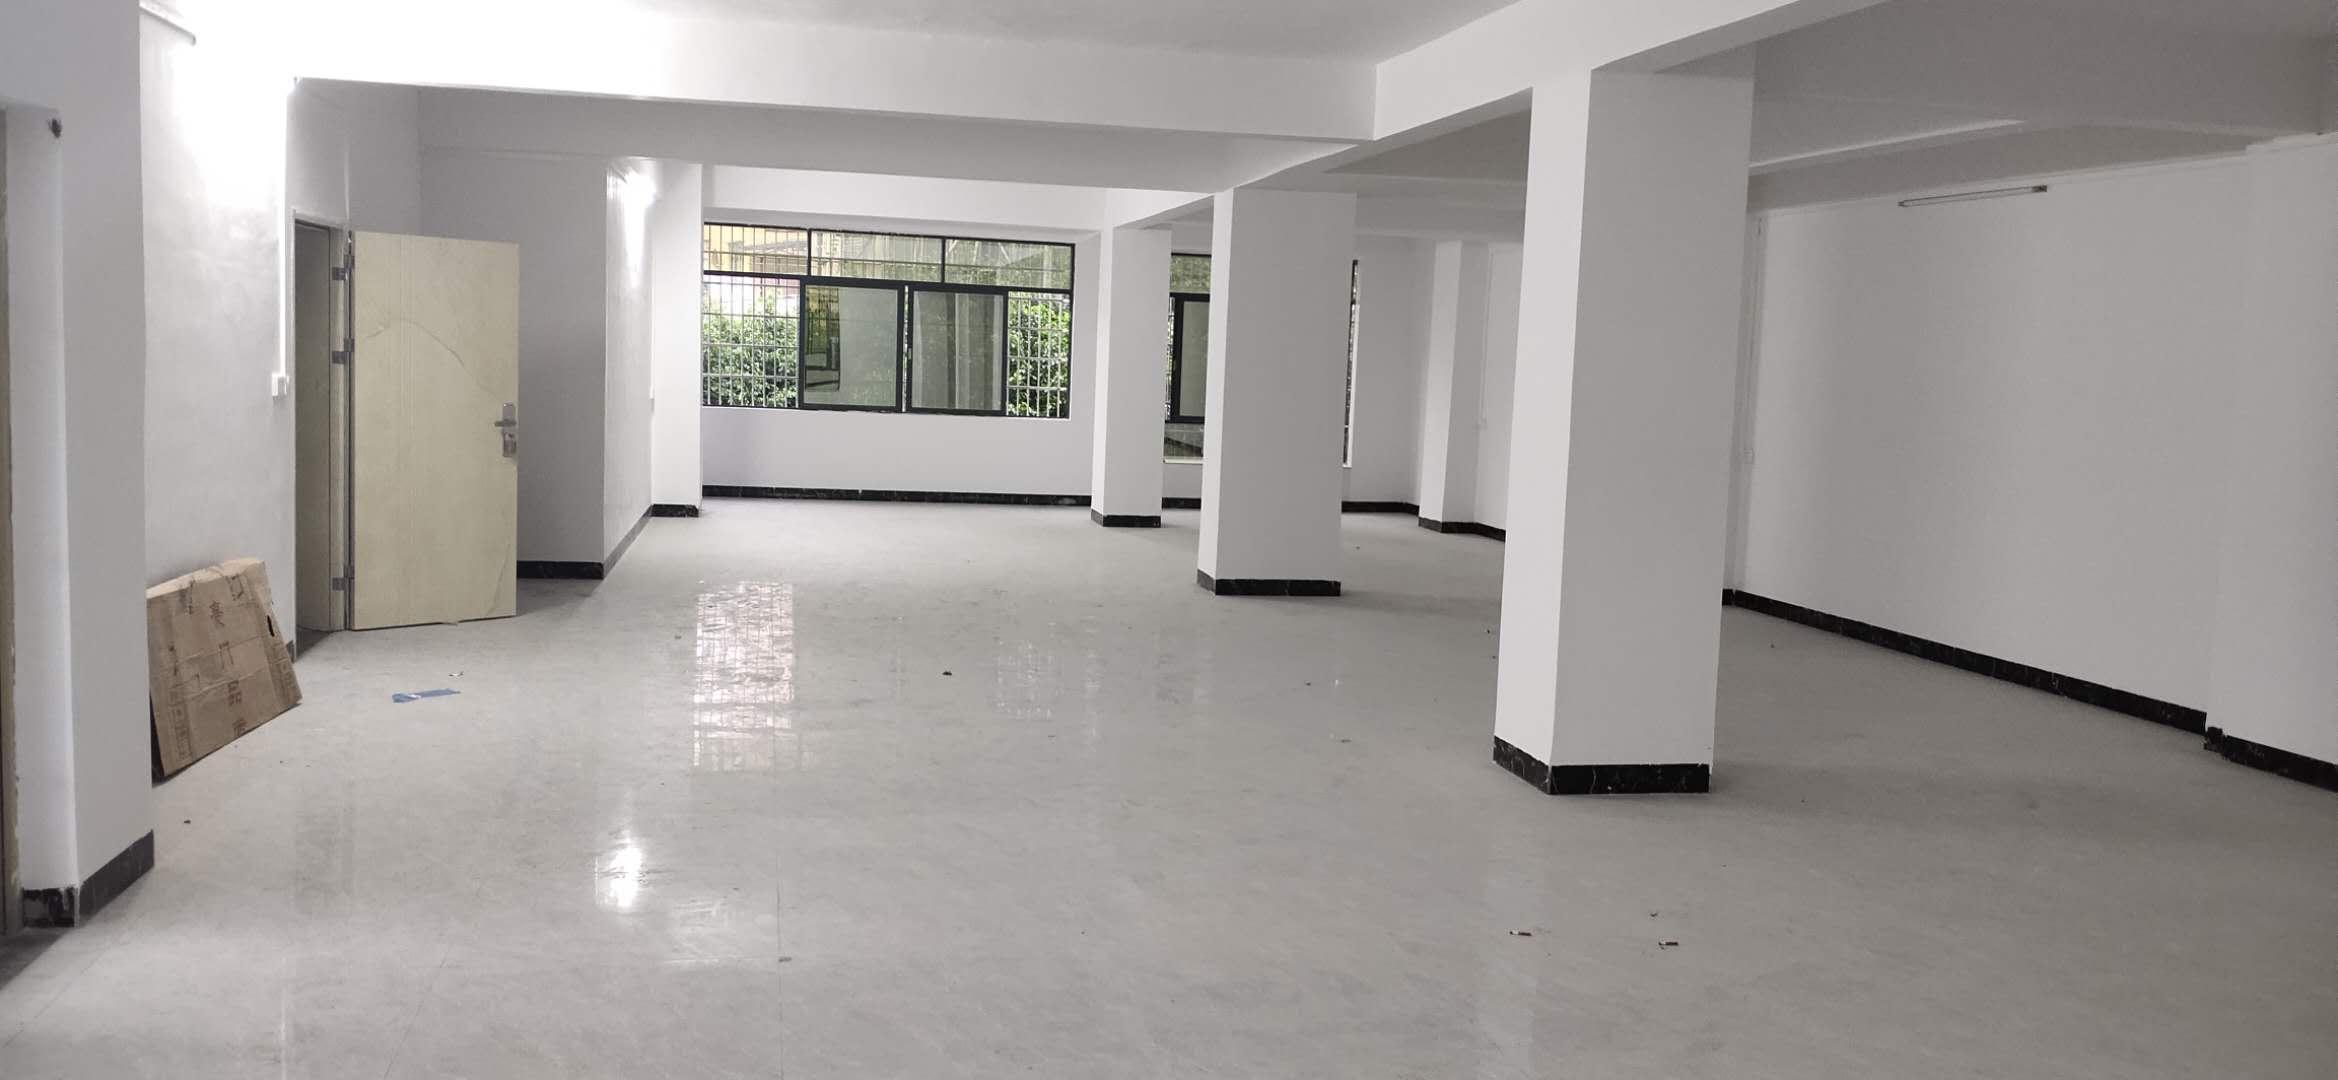 二楼通桩办公室出租(200平方)